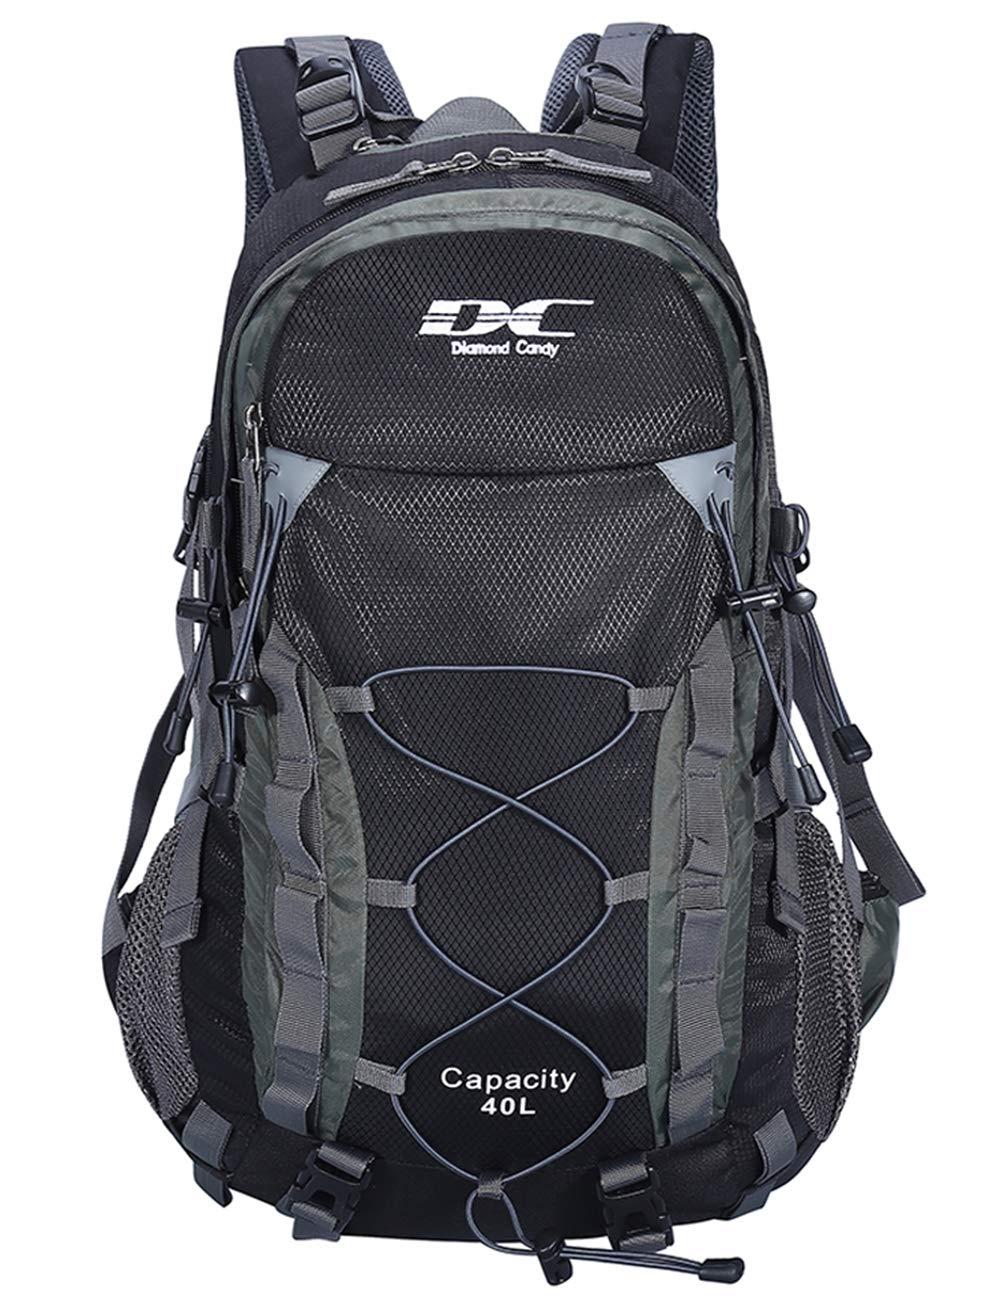 Diamond Candy Waterproof Backpack Black